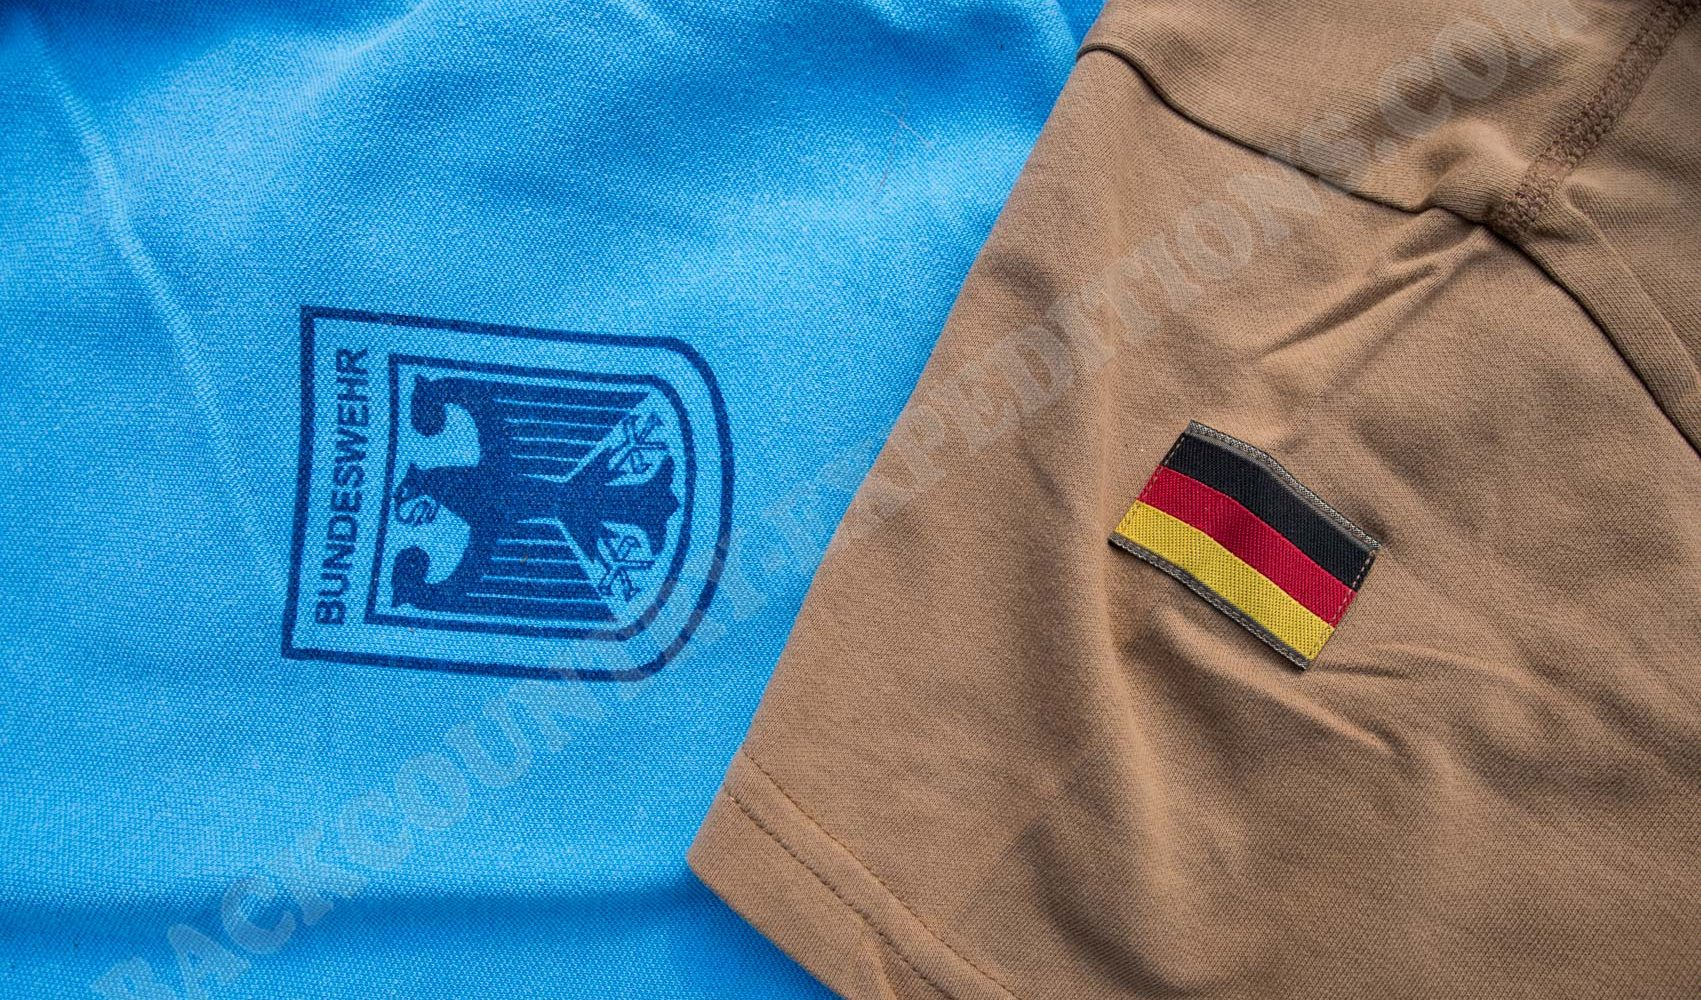 Bundeswehr Bekleidung für Outdoor Zwecke | Backcountry